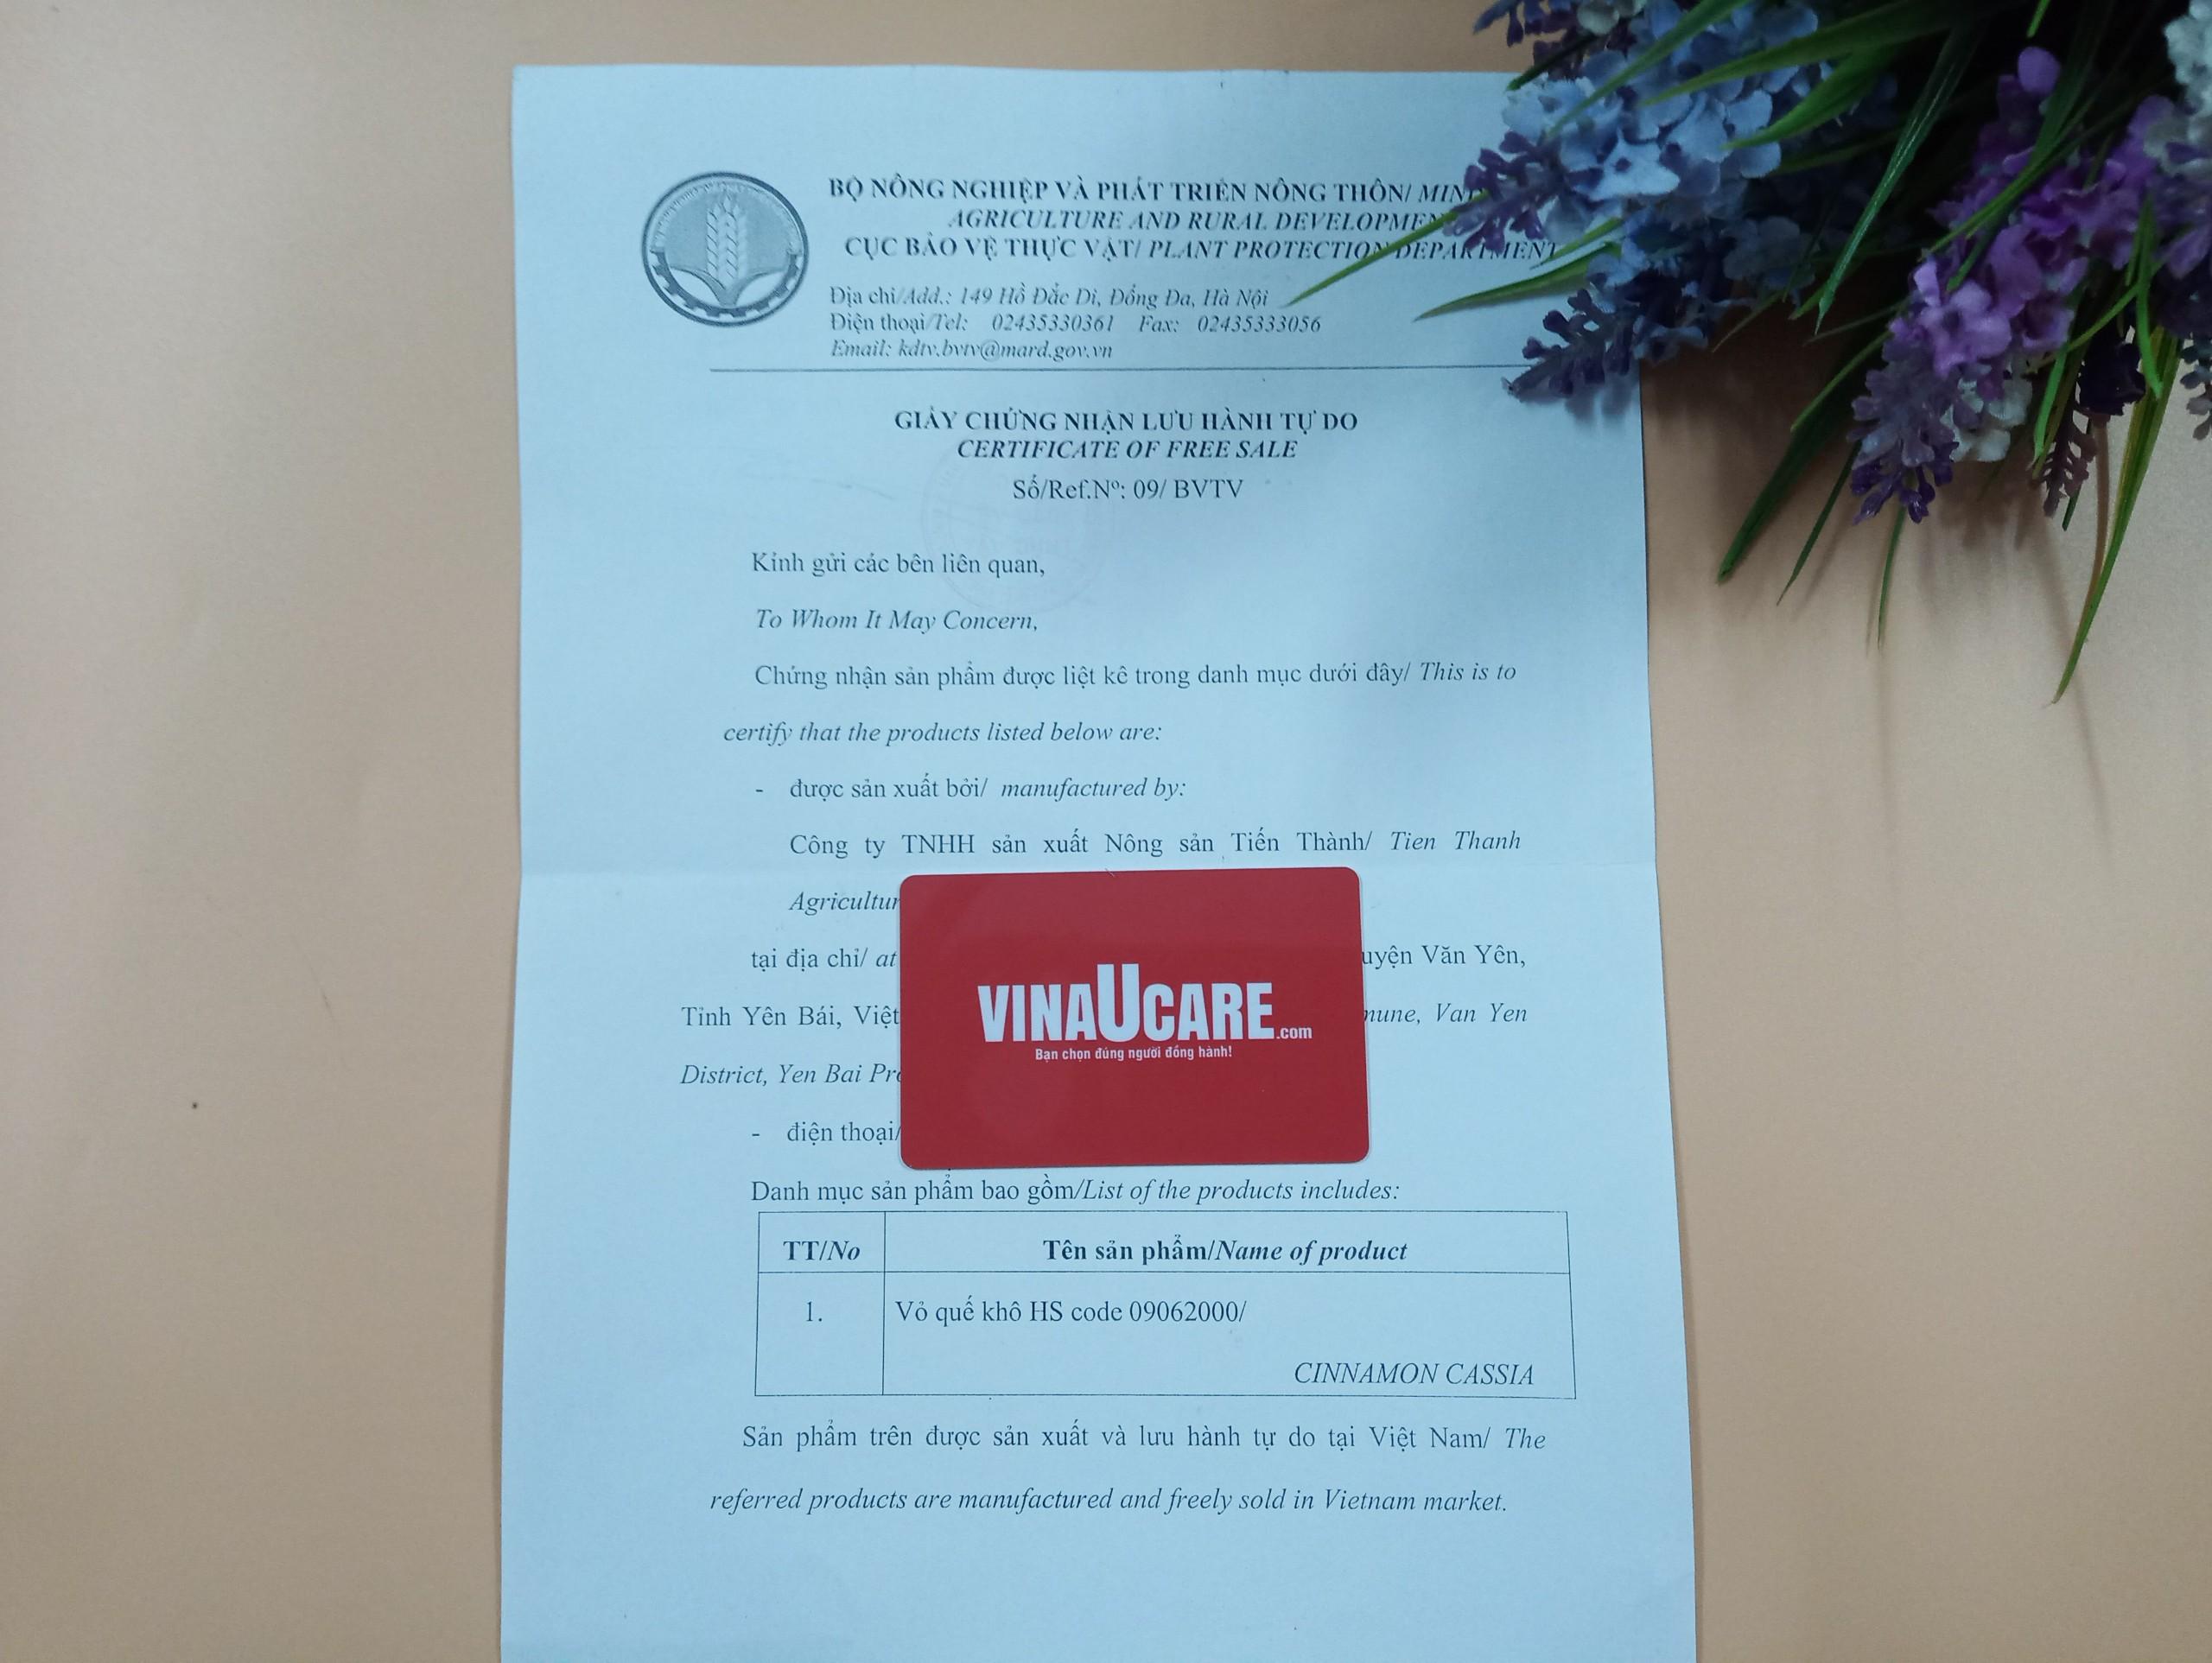 Chứng nhận lưu hành tự do CFS gạo lứt tại Bộ Nông Nghiệp và Phát Triển Nông Thôn 2021